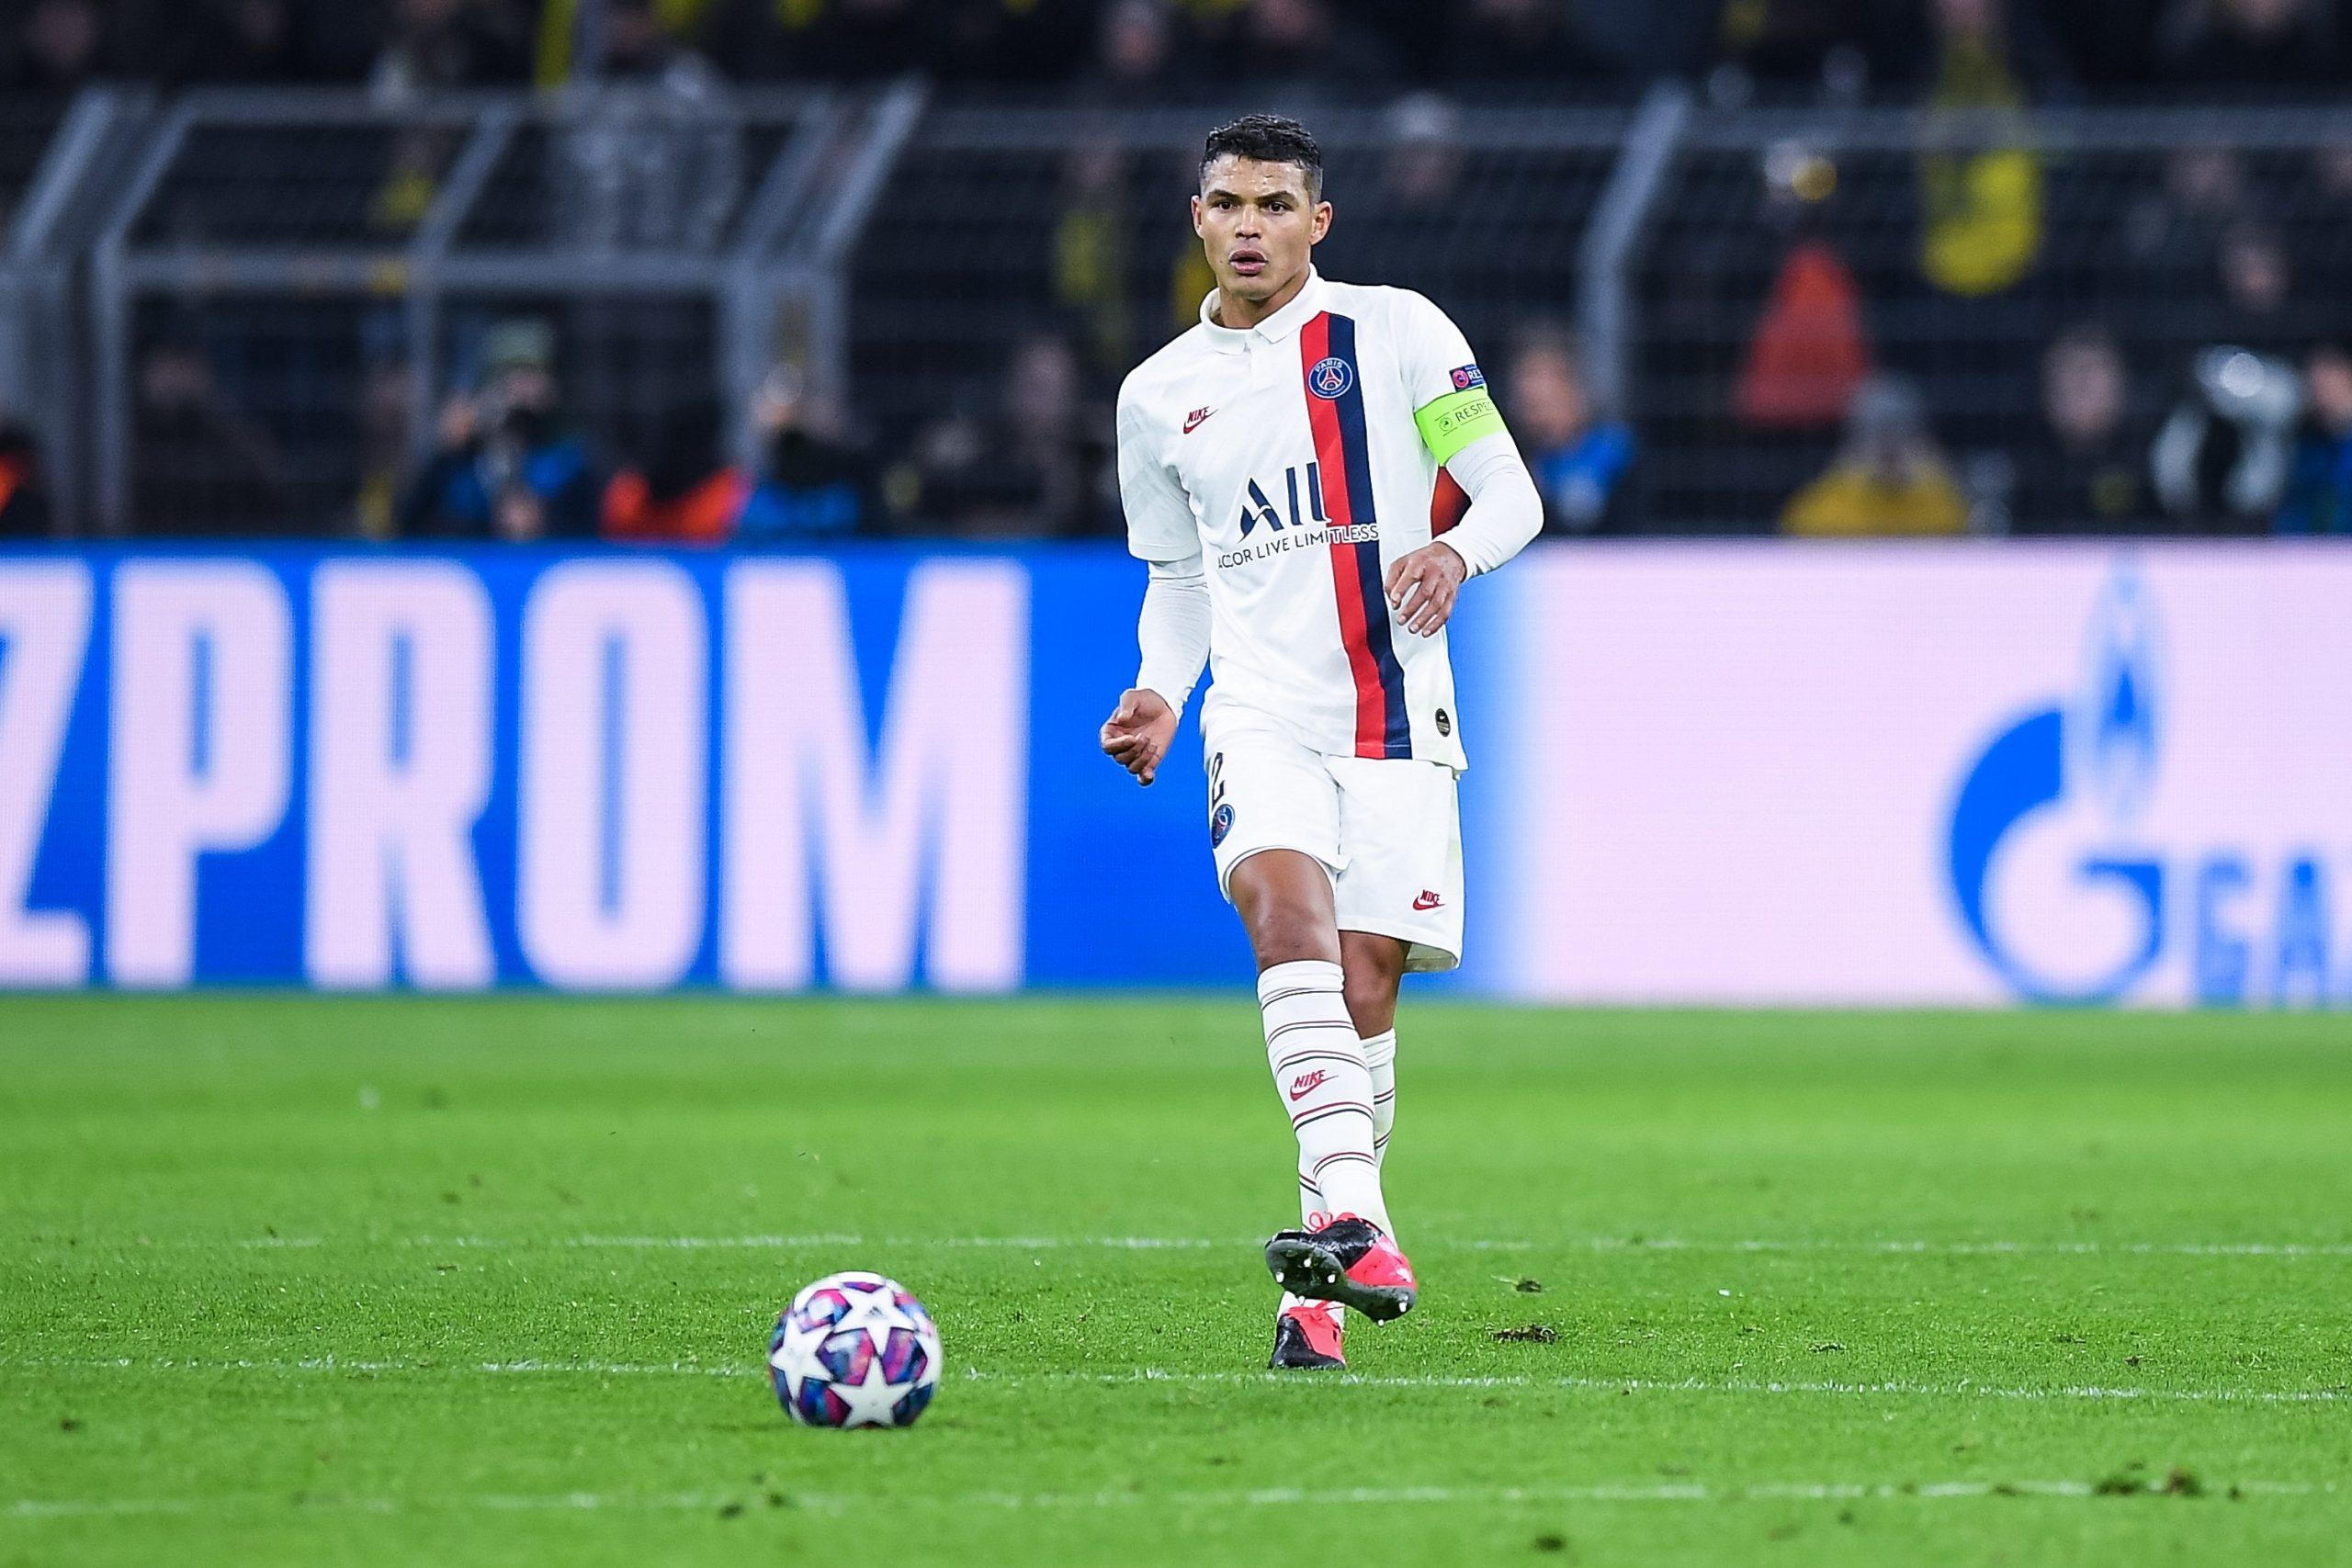 PSG/Dortmund - Thiago Silva et Gueye étaient au Camp des Loges dimanche, selon L'Equipe